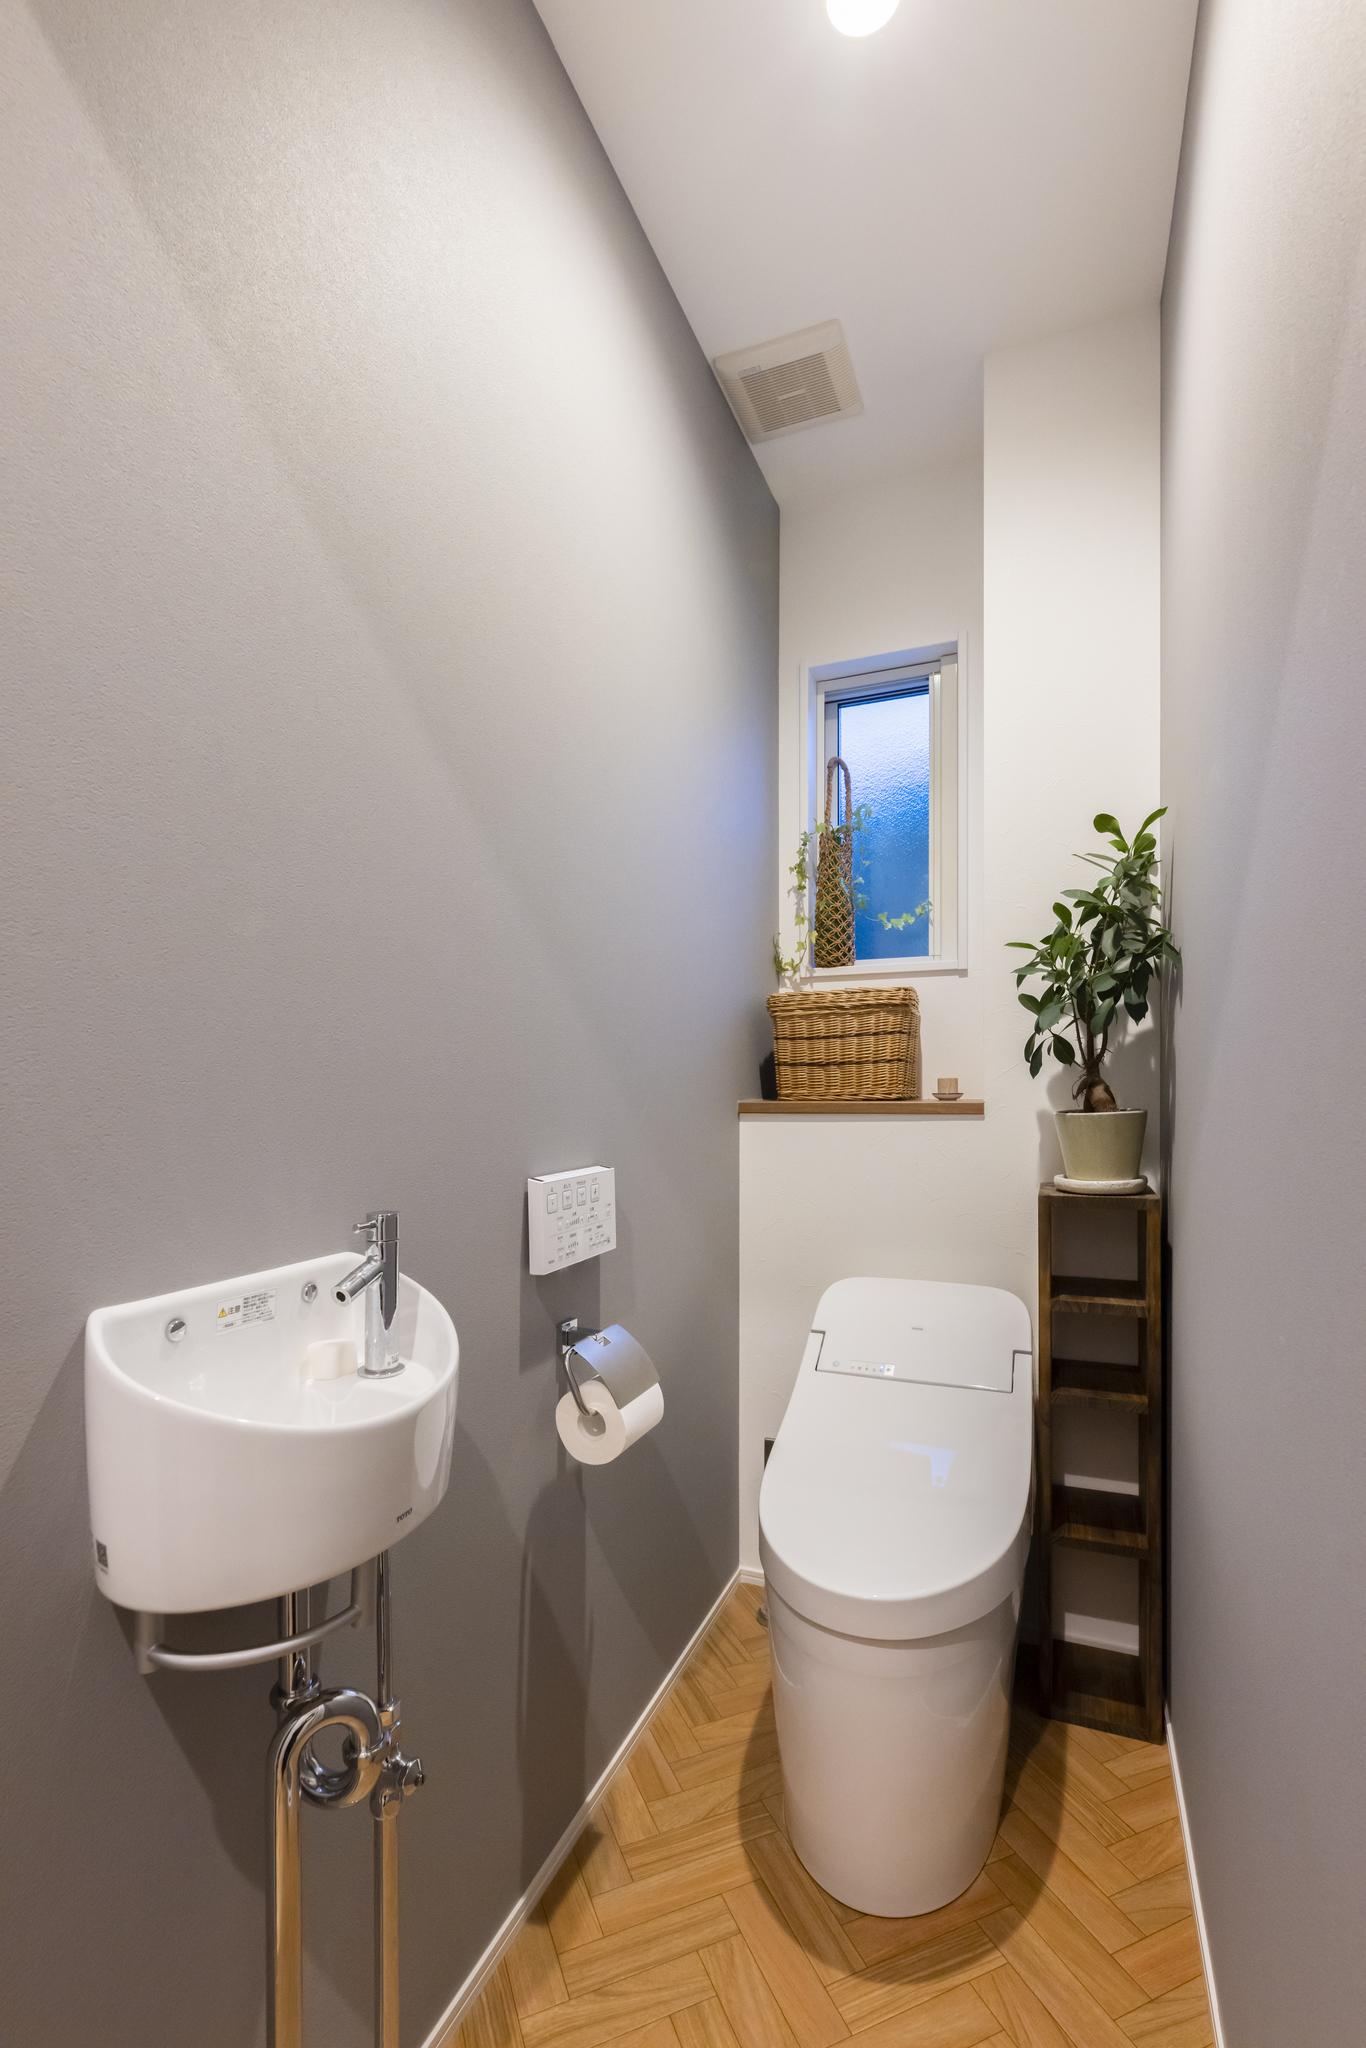 ロータンクのトイレはすっきりとした印象で空間を広く感じられる